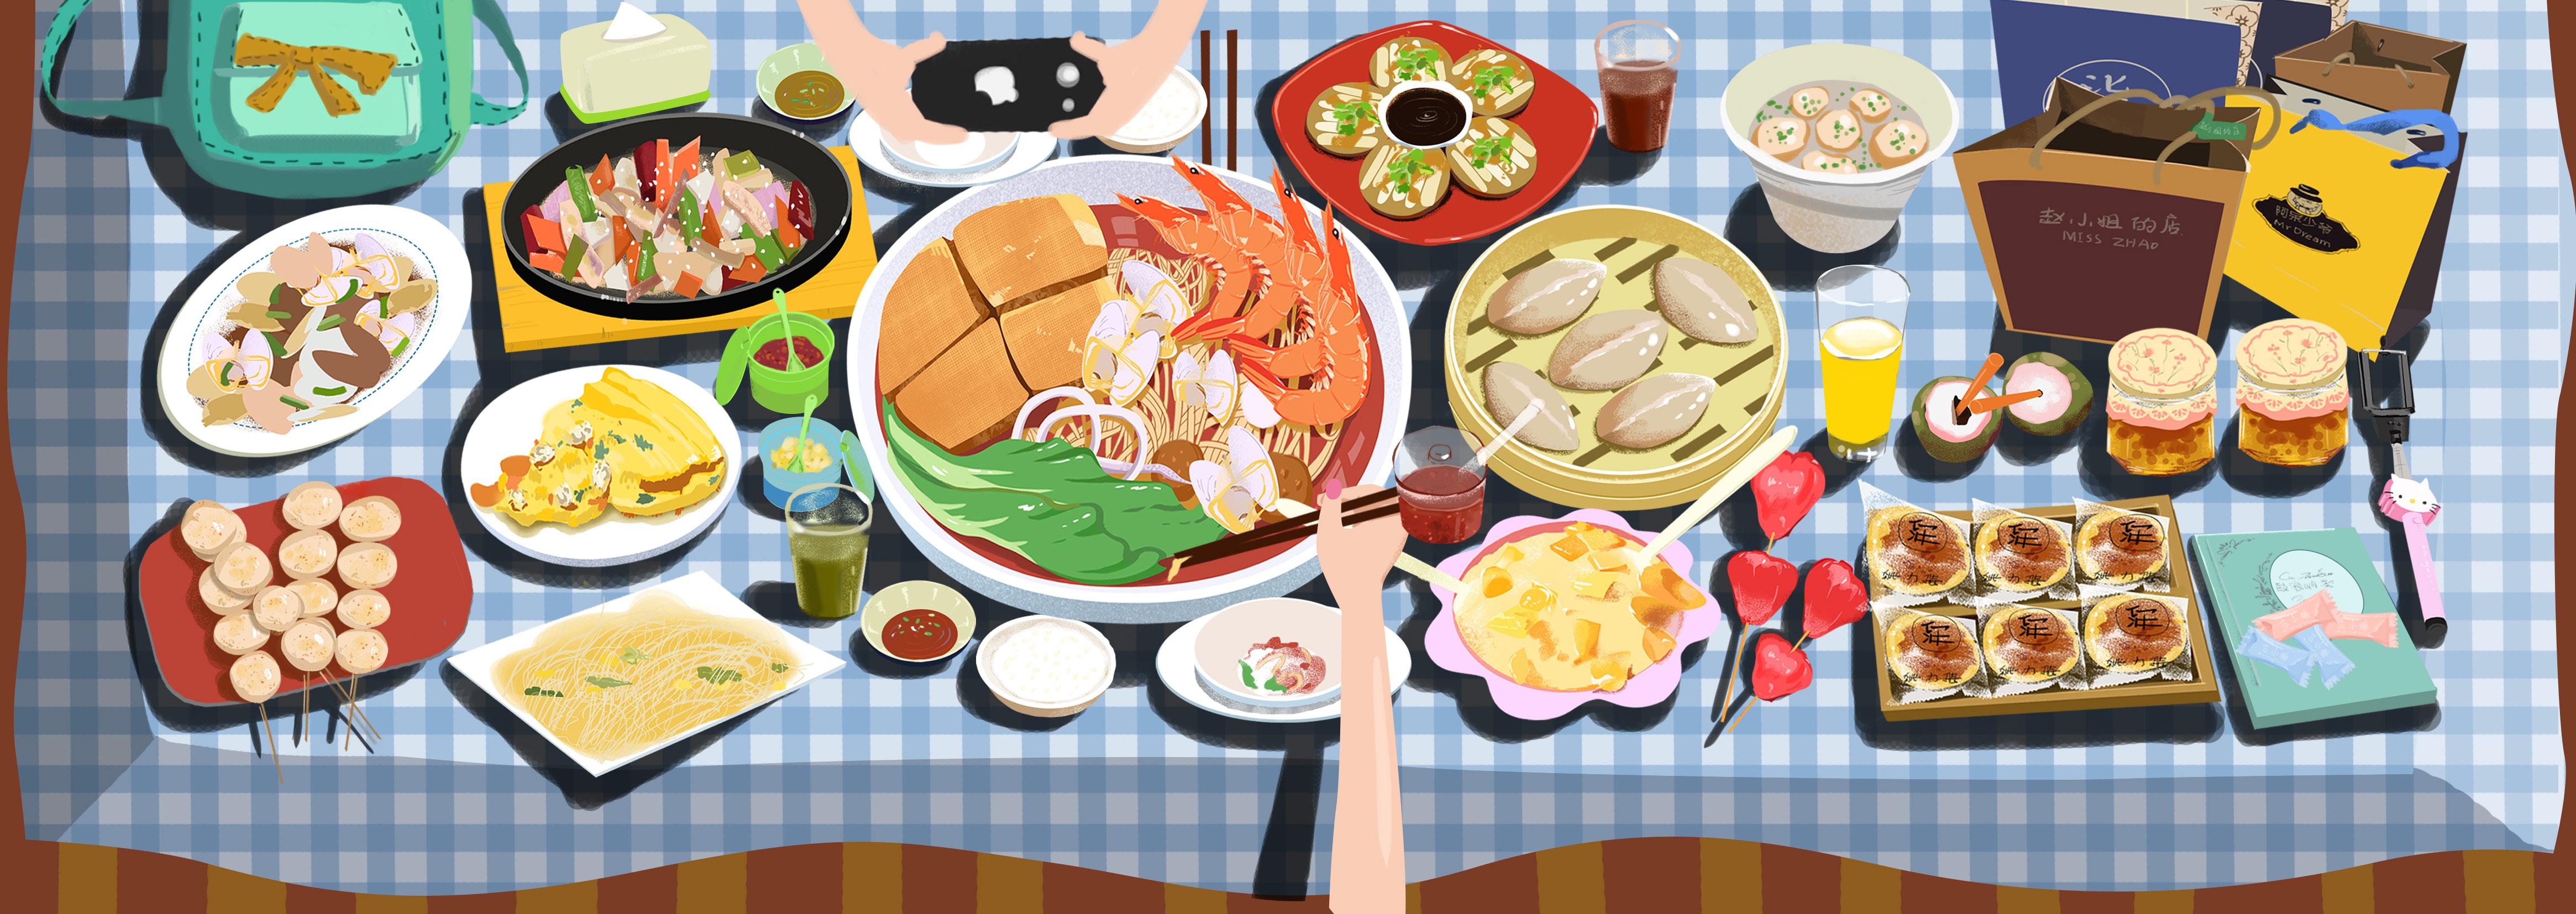 【爱上美食】三月篇——美味的一锅炖